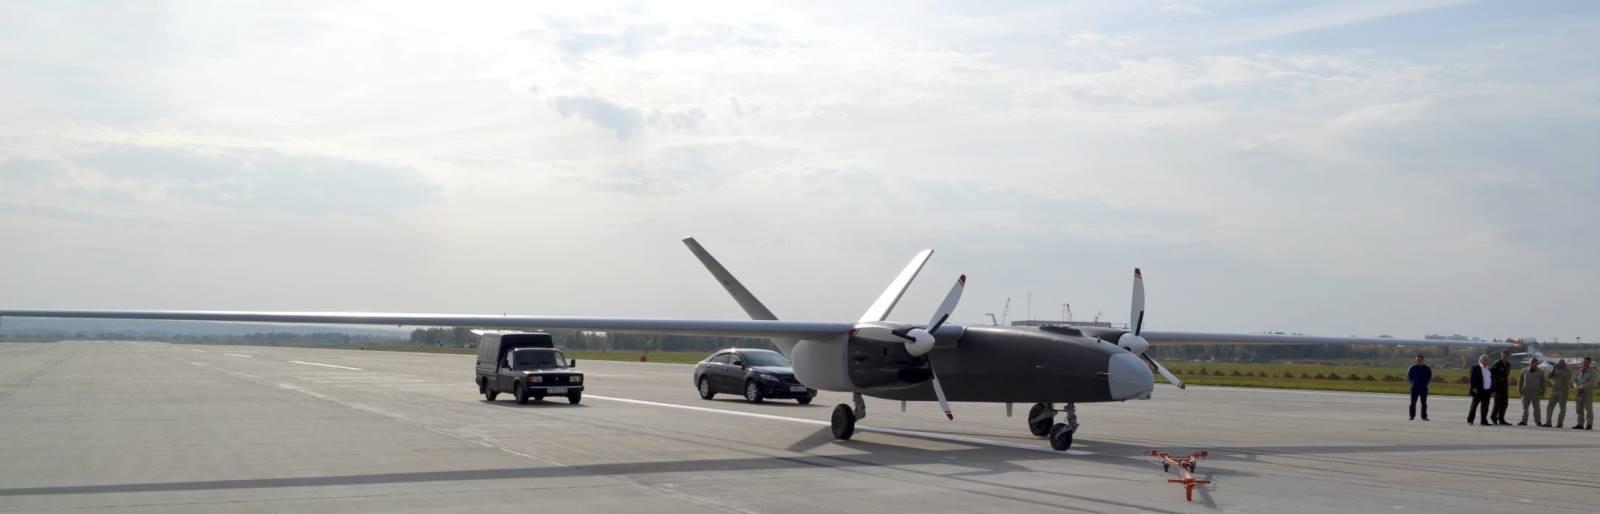 Перспективы тяжелого беспилотного летательного аппарата «Альтаир»